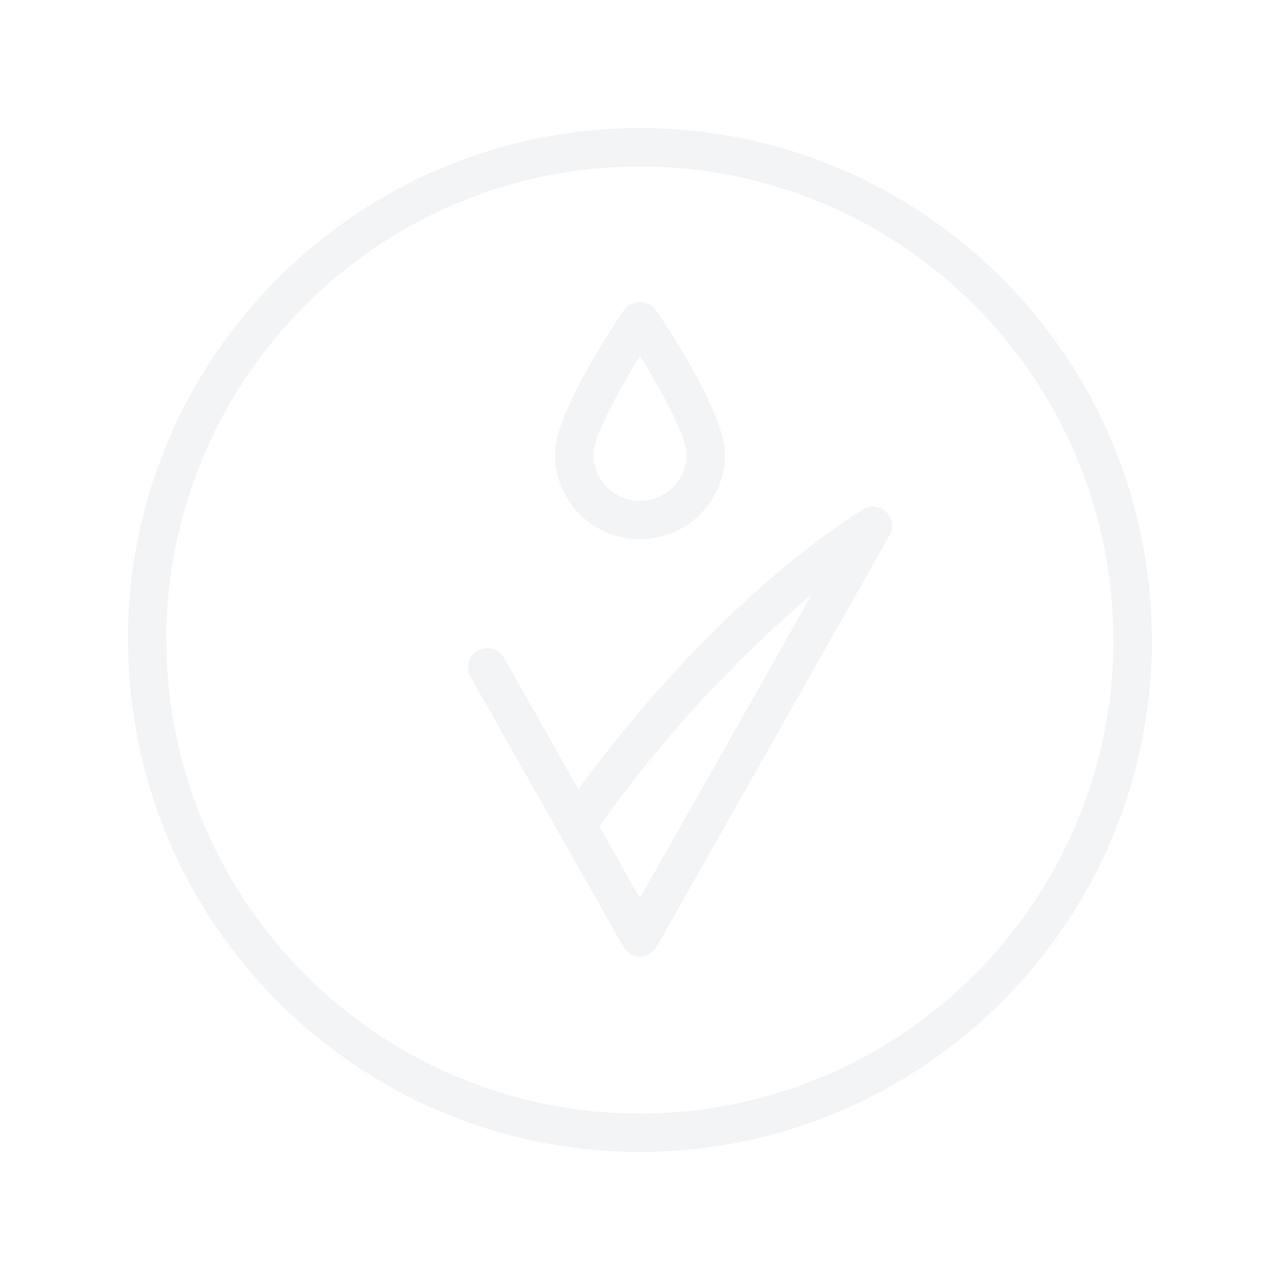 COLLISTAR Flawless Eyebrows Modelling Wax+Powder  2g